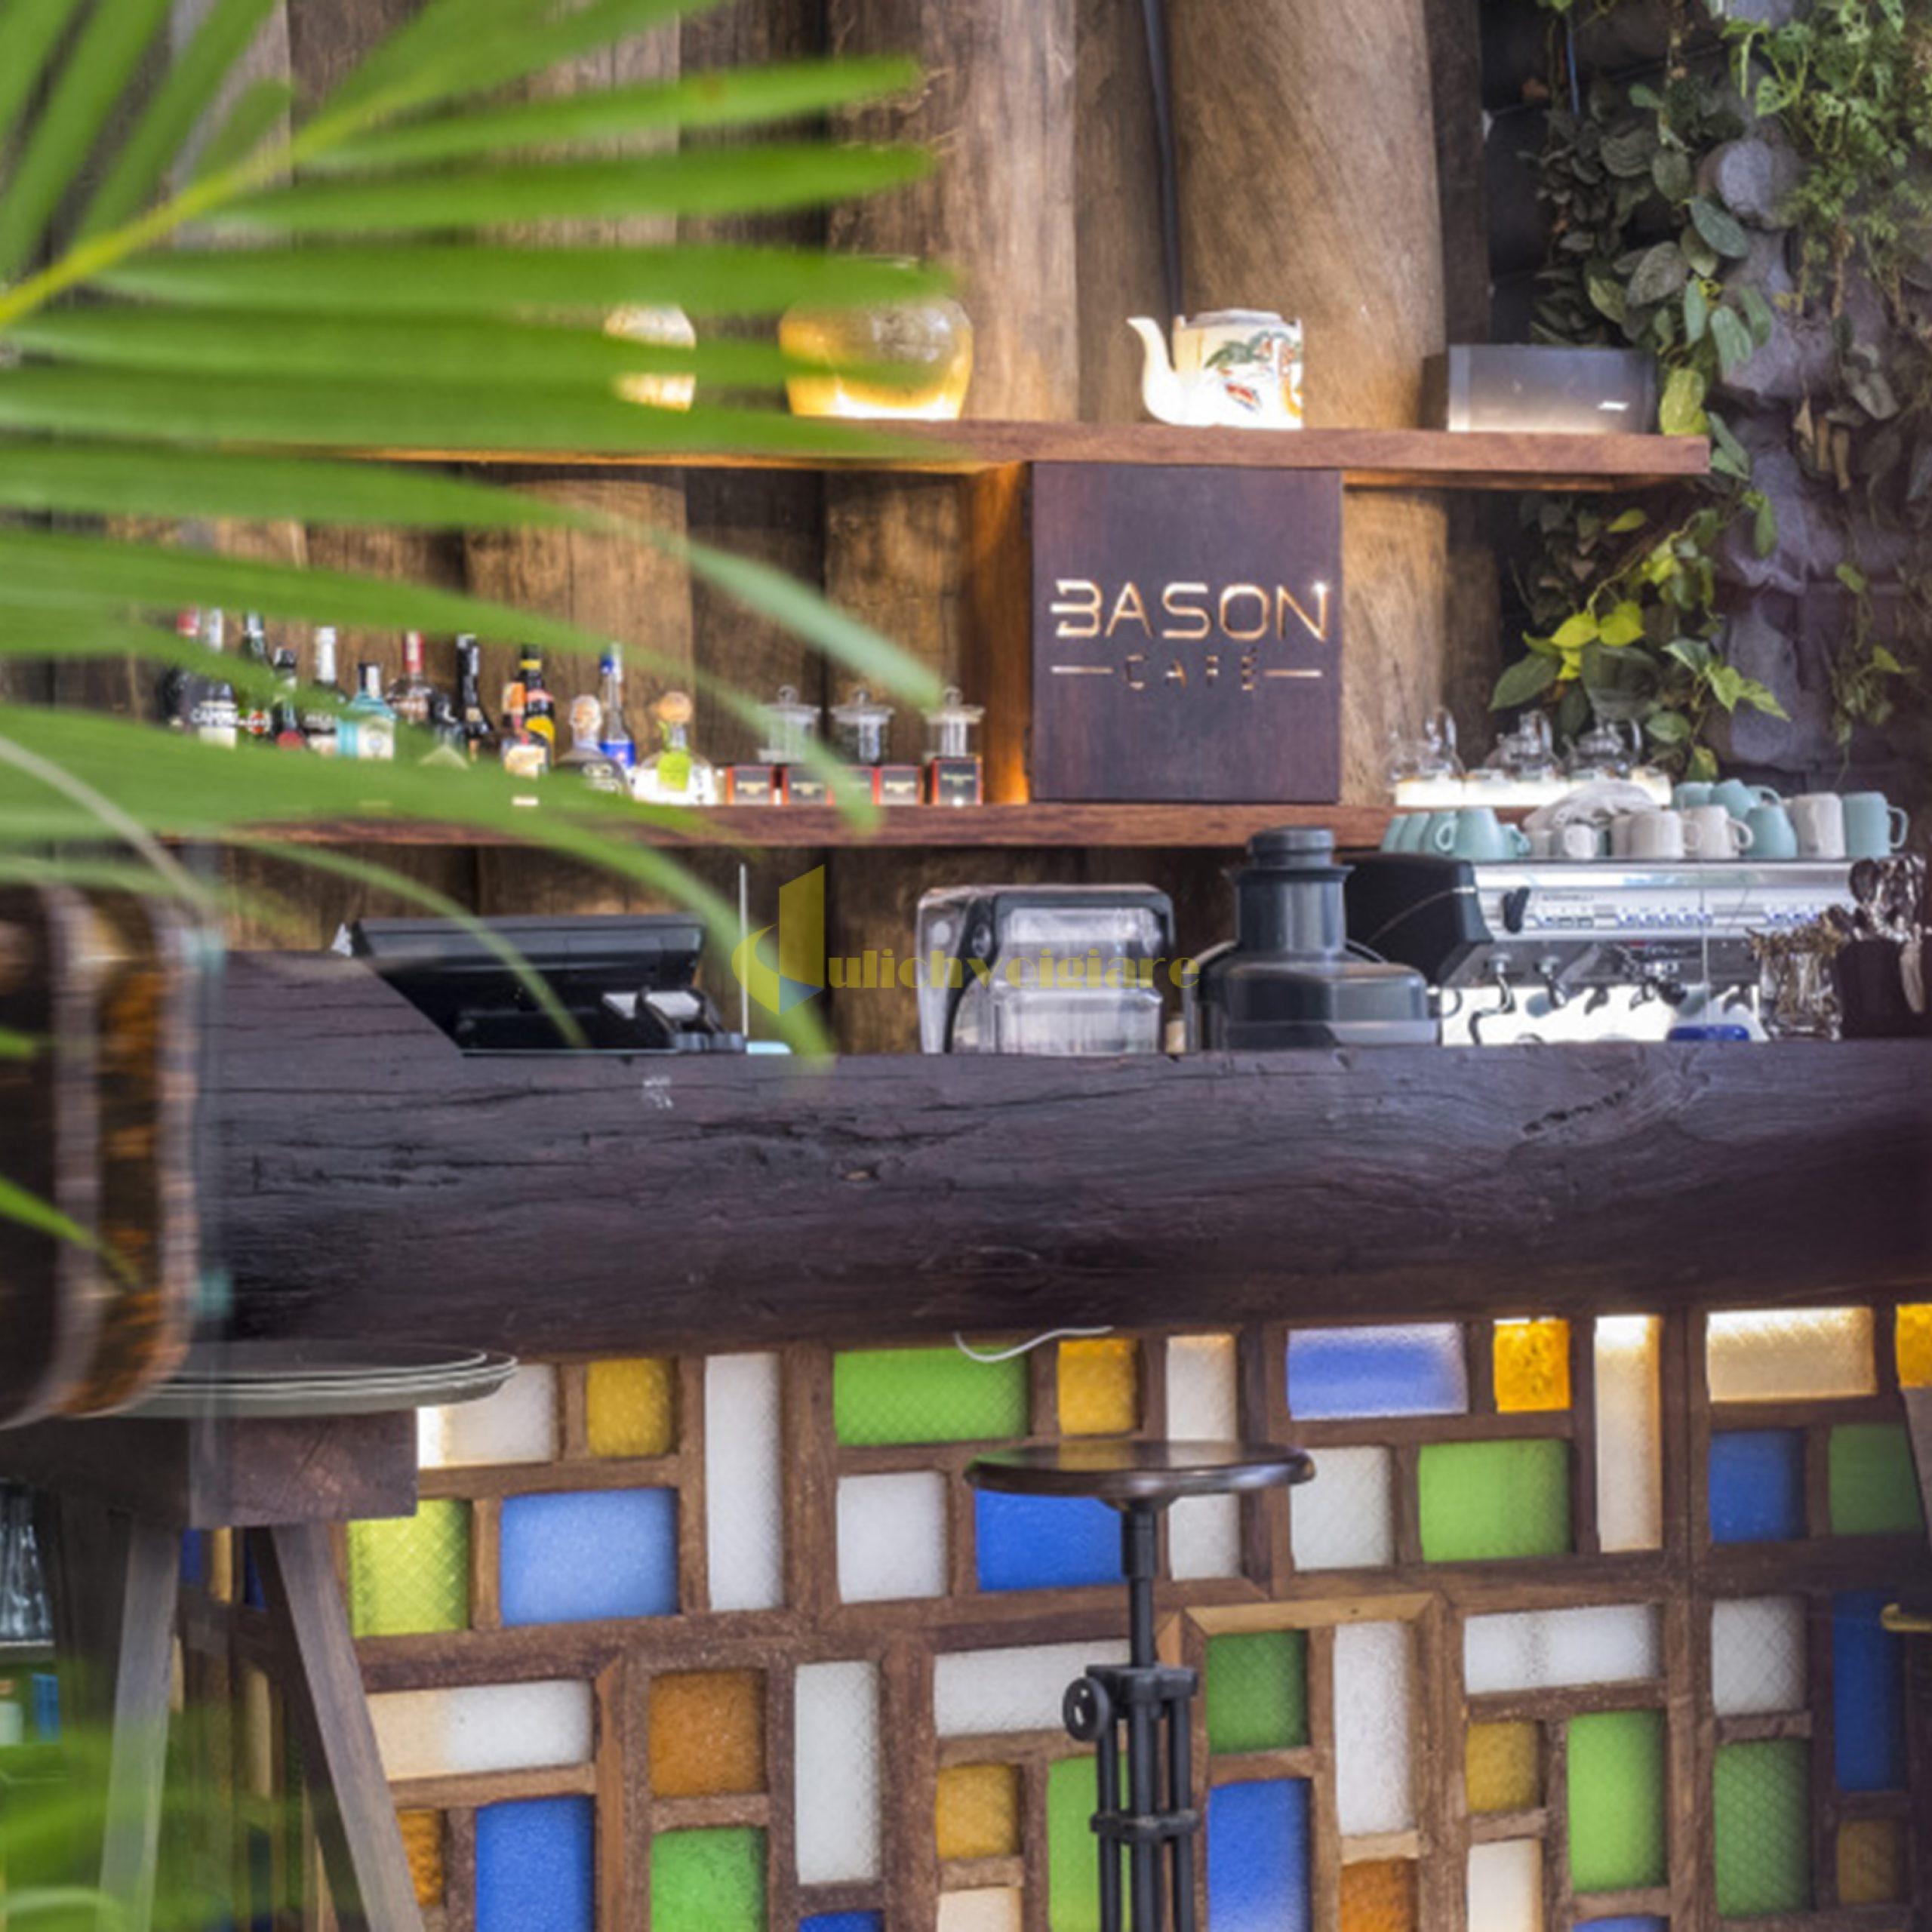 dscf3233-scaled Check in ngay 9 quán cà phê đẹp ở Sài Gòn đang là địa điểm sống ảo hot nhất hiện nay.